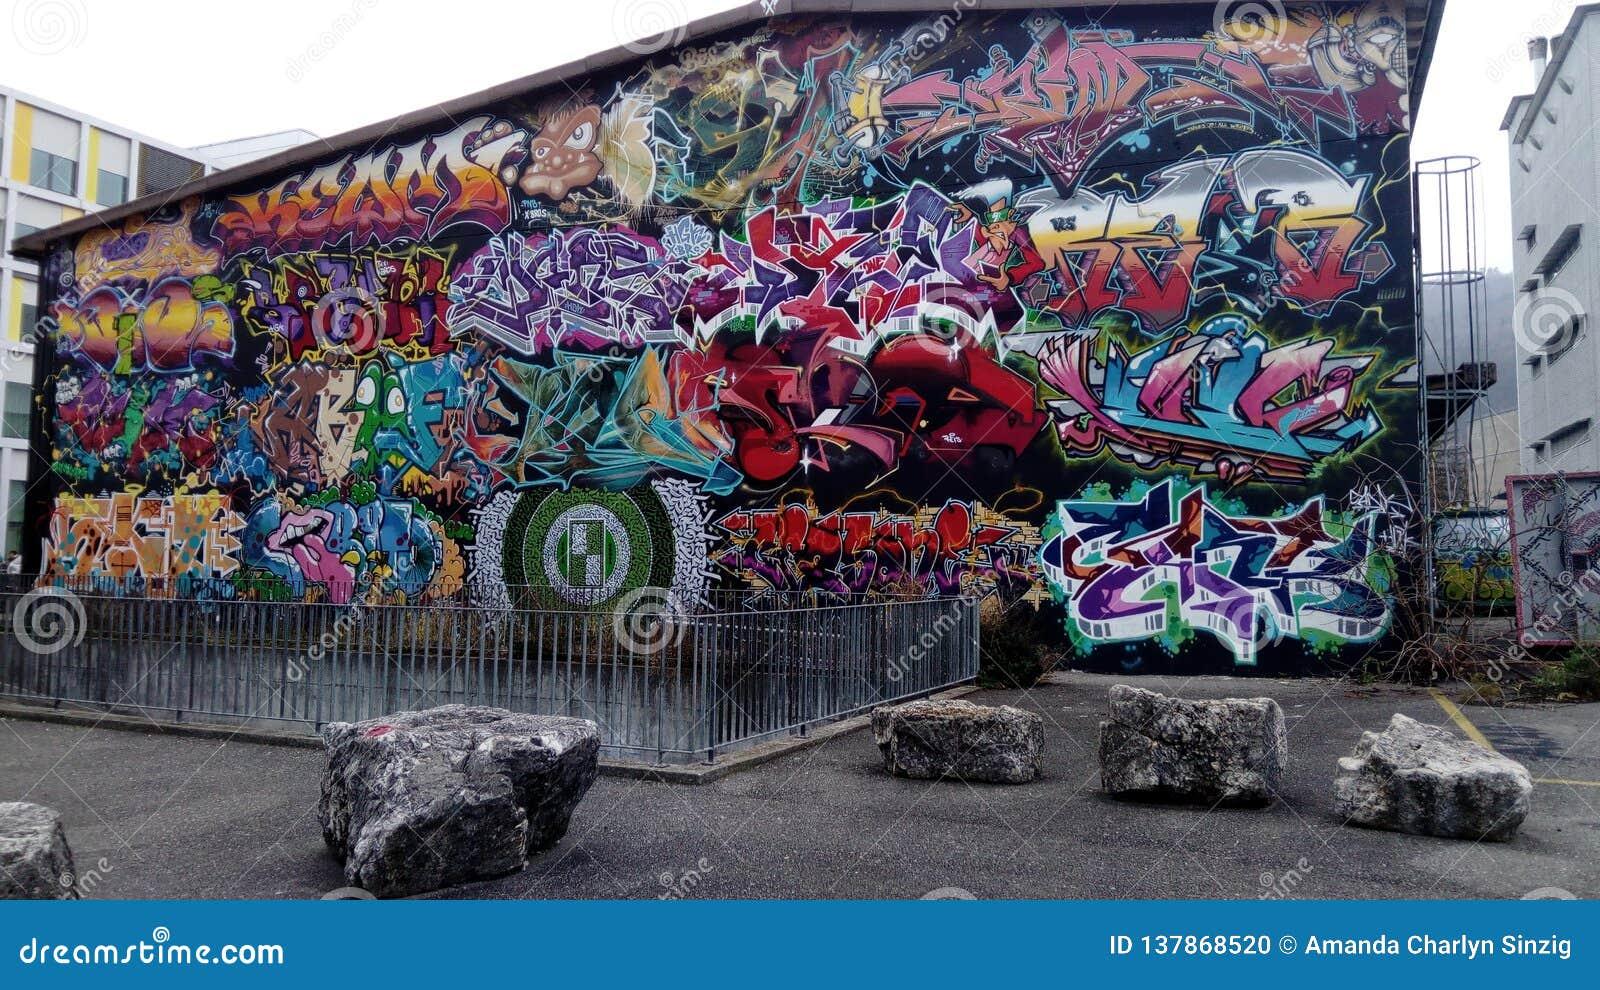 Graffiti wall x project biel bienne